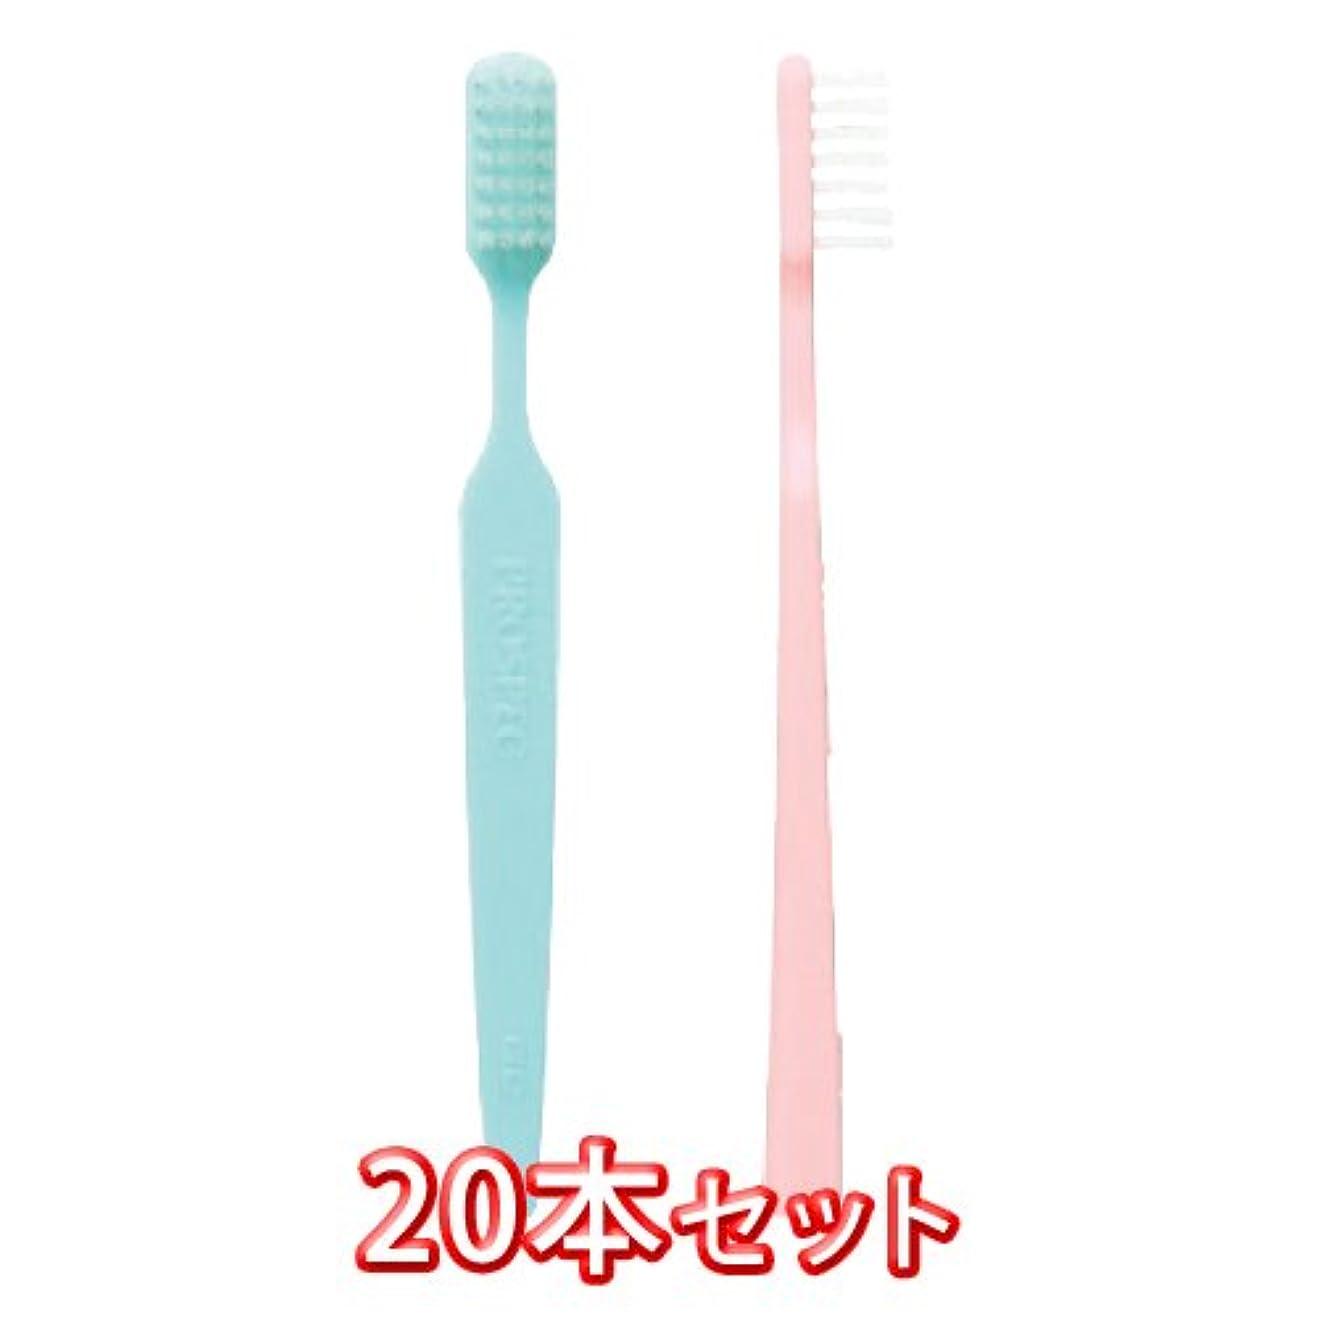 放散する無意識セーブプロスペック チャイルド 歯ブラシ 20本入